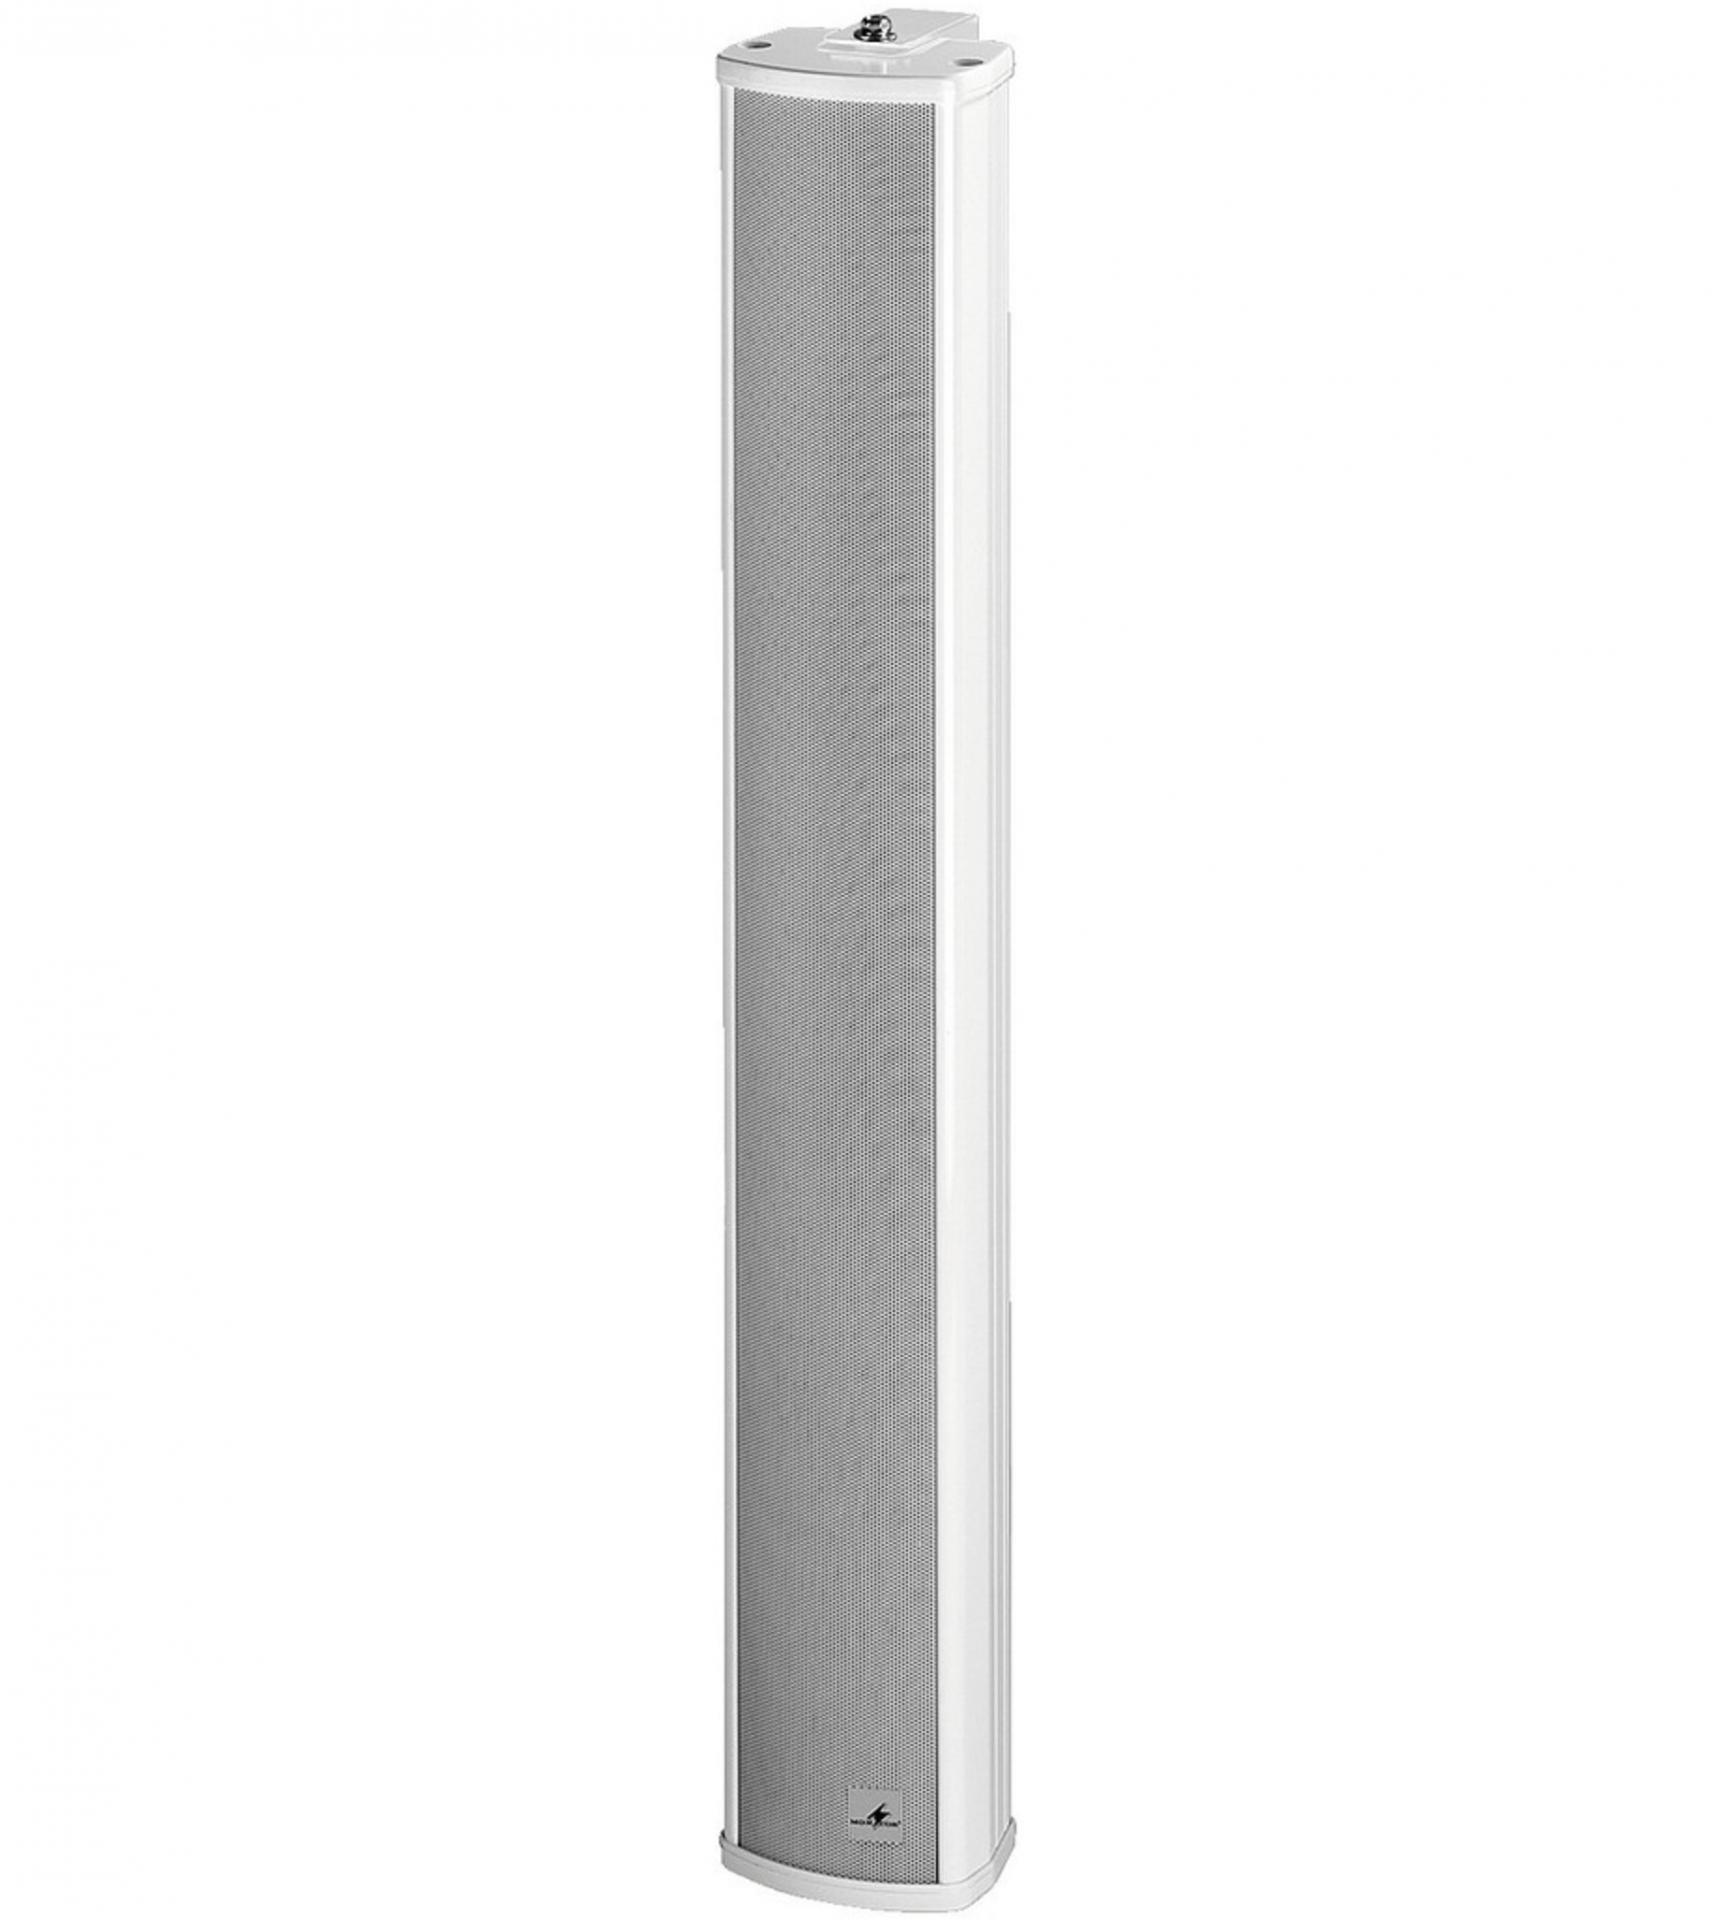 Monacor Ets-230/Ws Columna de Sonido Línea 100V